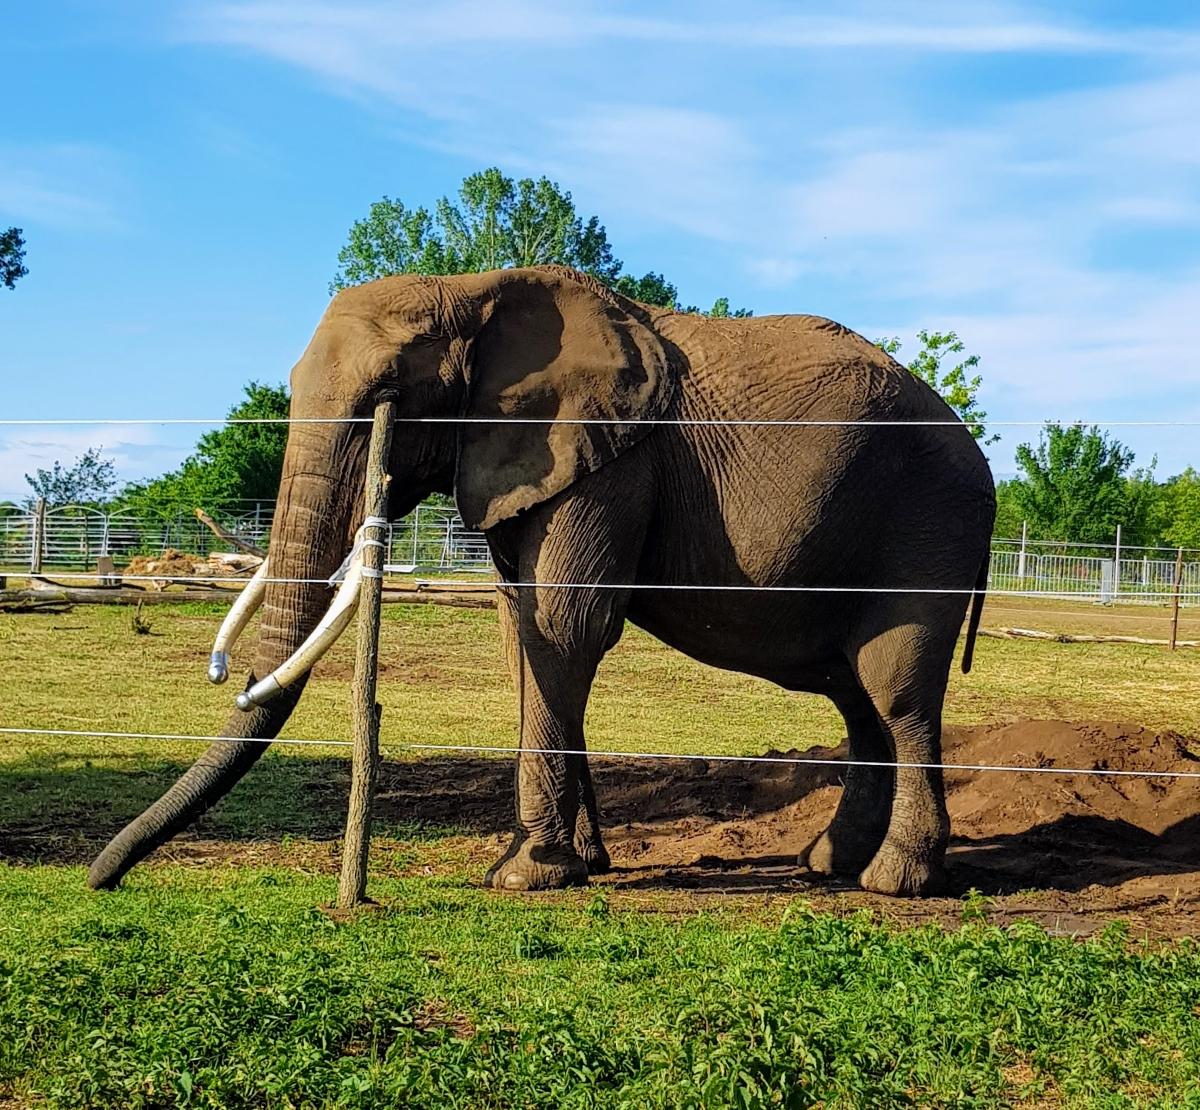 autós safaripark szadán elefánt